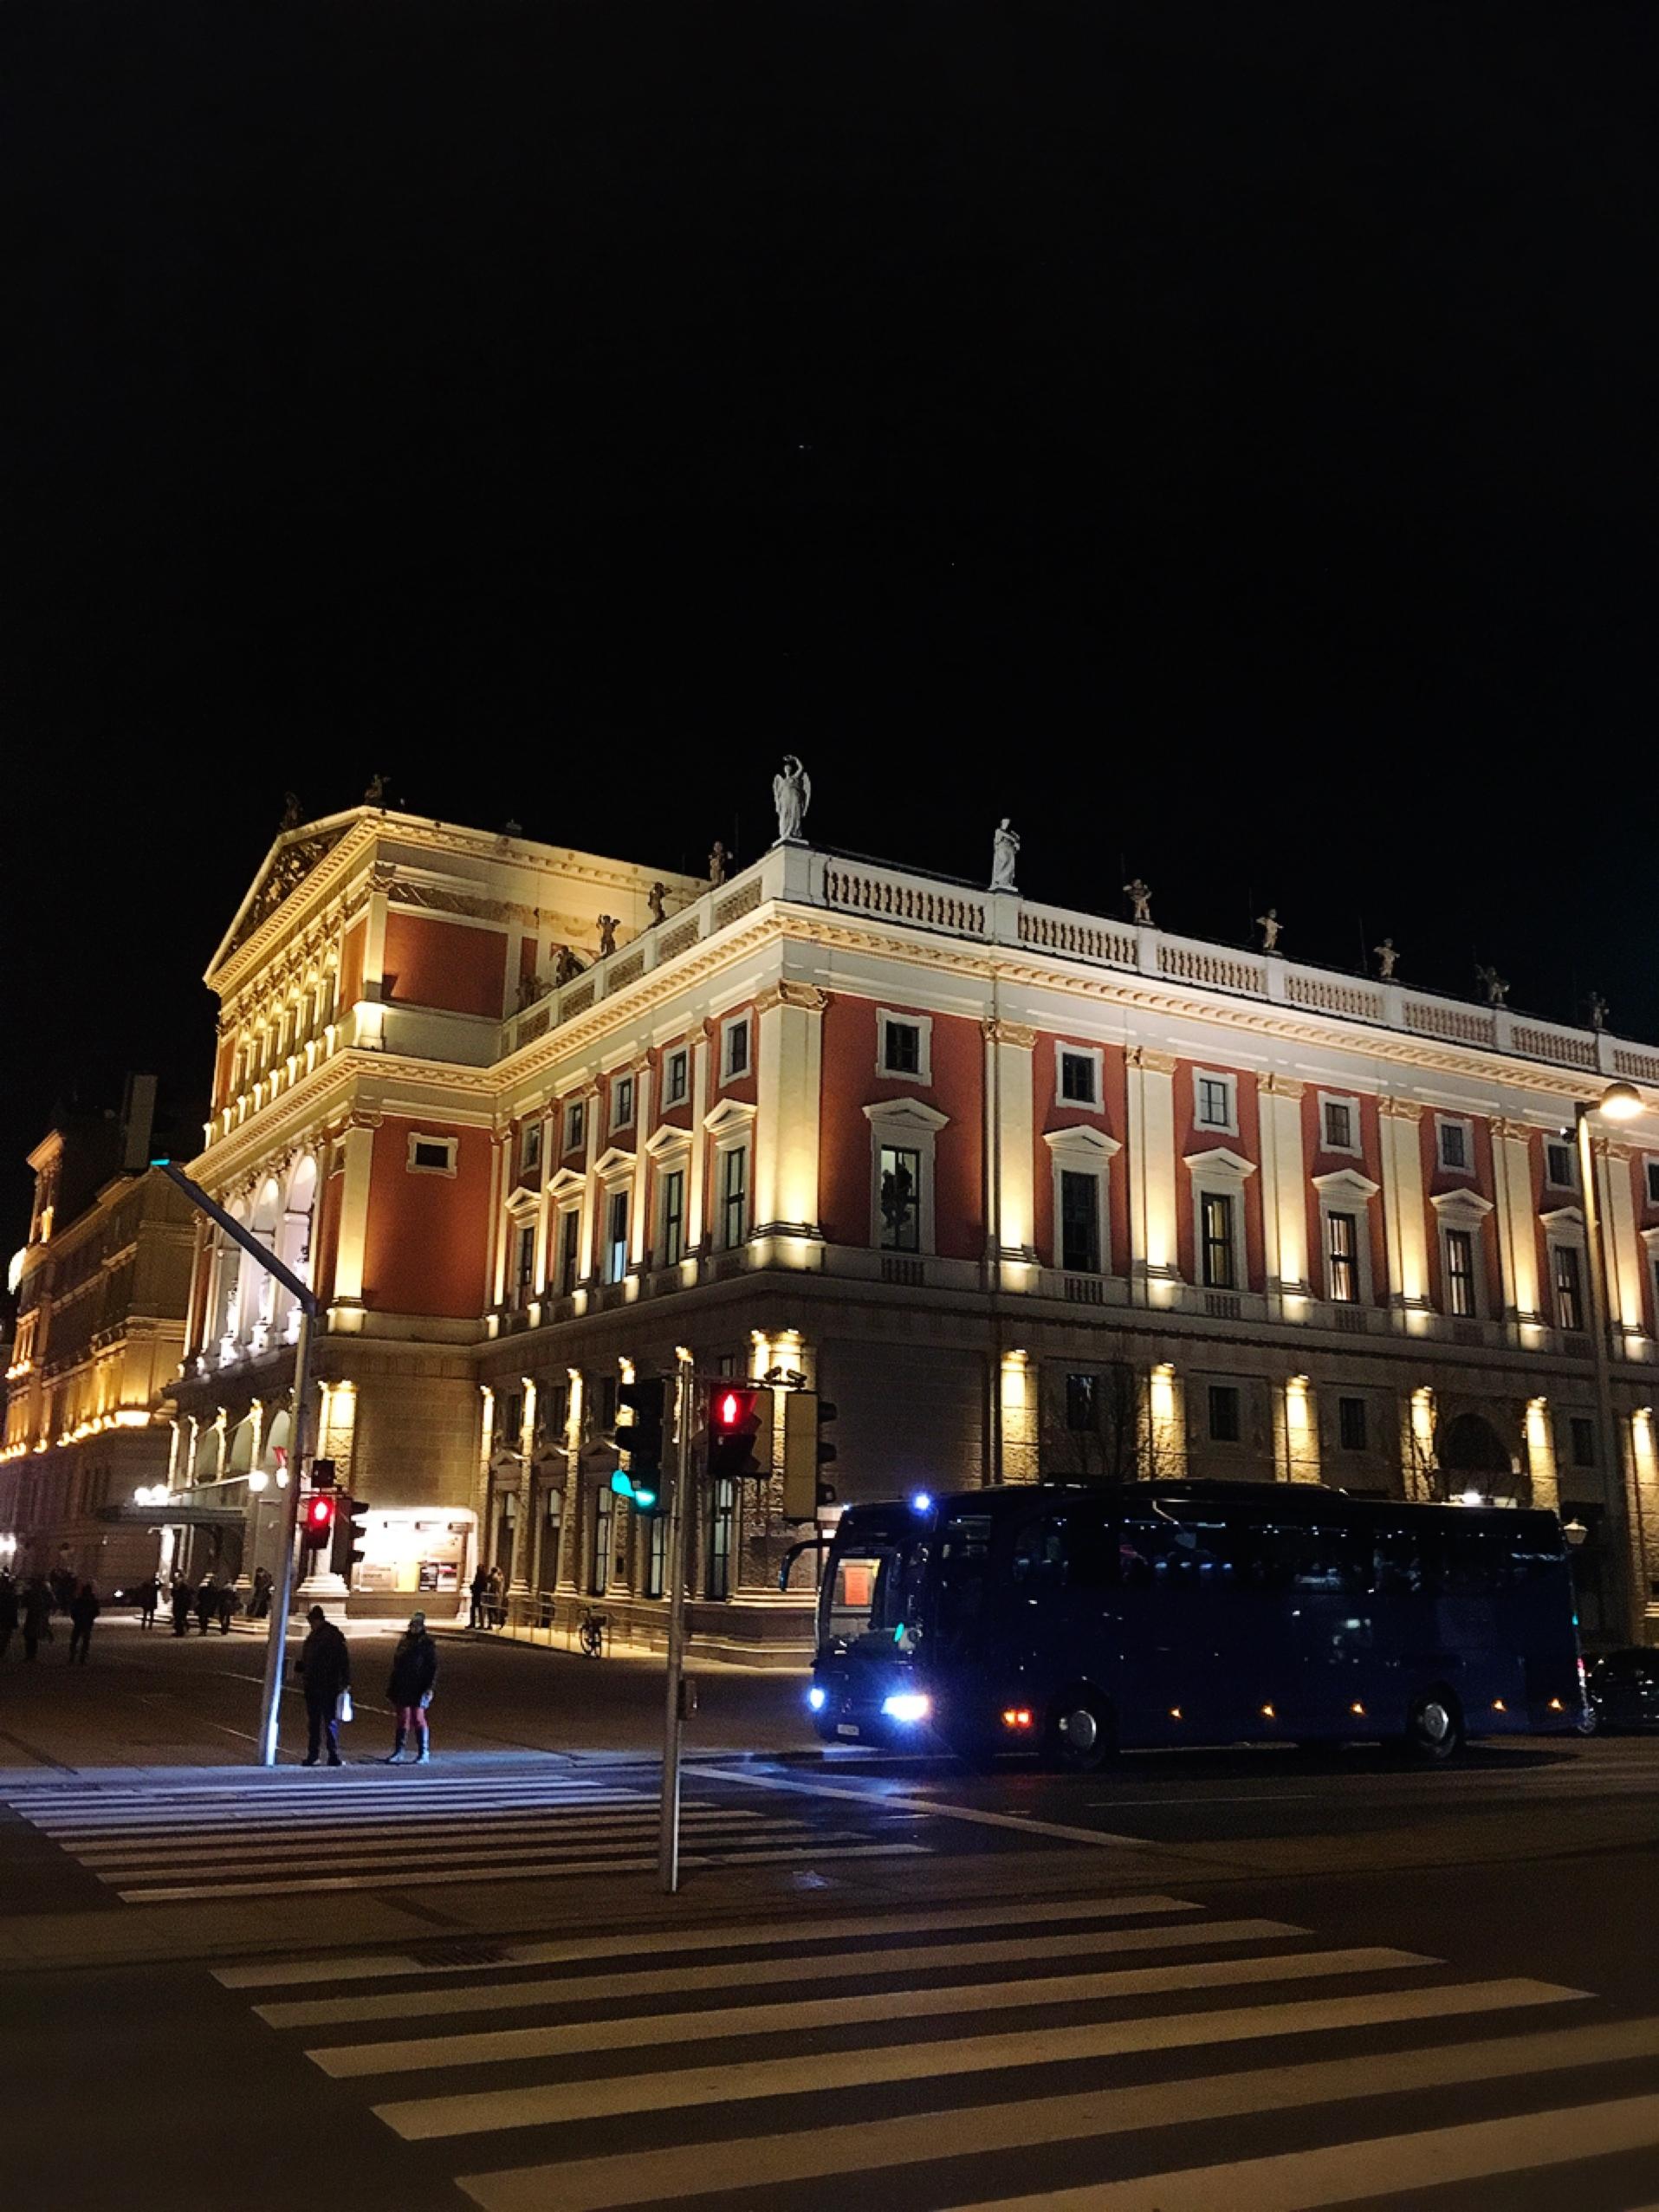 ウィーンのカールス教会のクリスマスマーケット_1_9